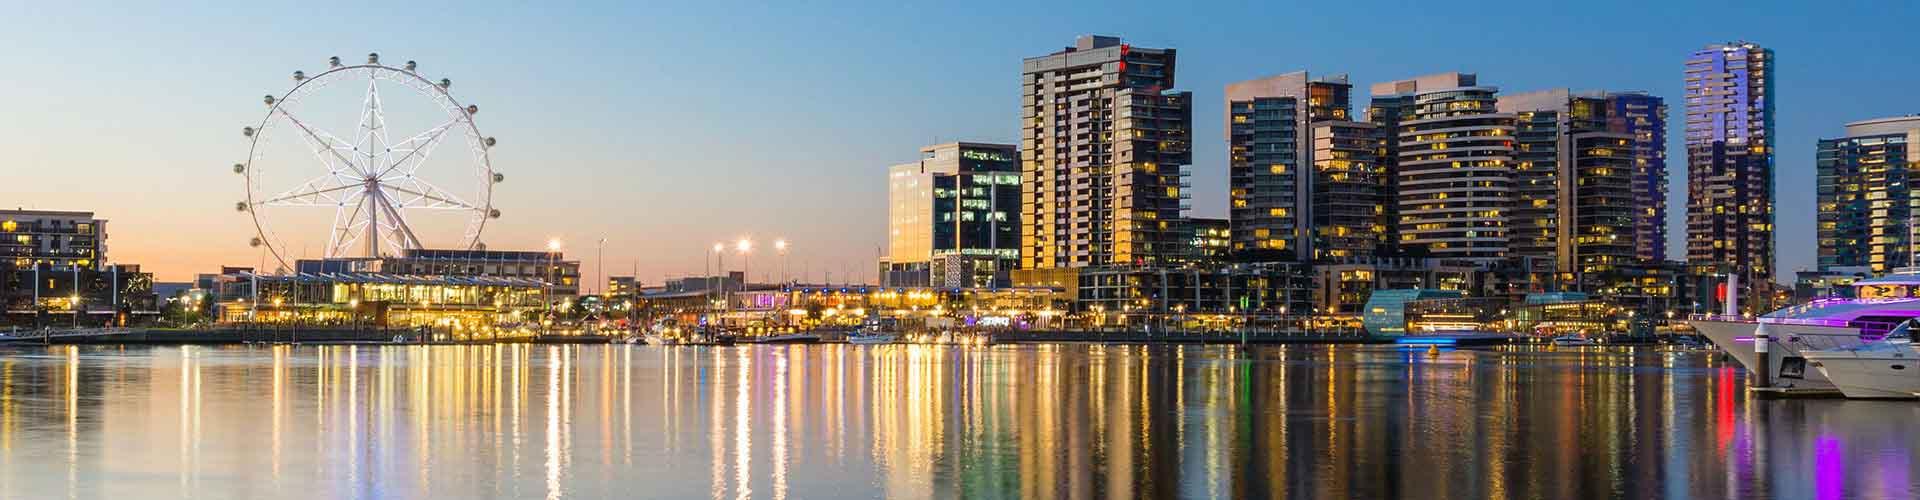 멜버른 - 시티 센터와 가까운 호스텔. 멜버른의 지도, 멜버른에 위치한 호스텔 사진 및 후기 정보.